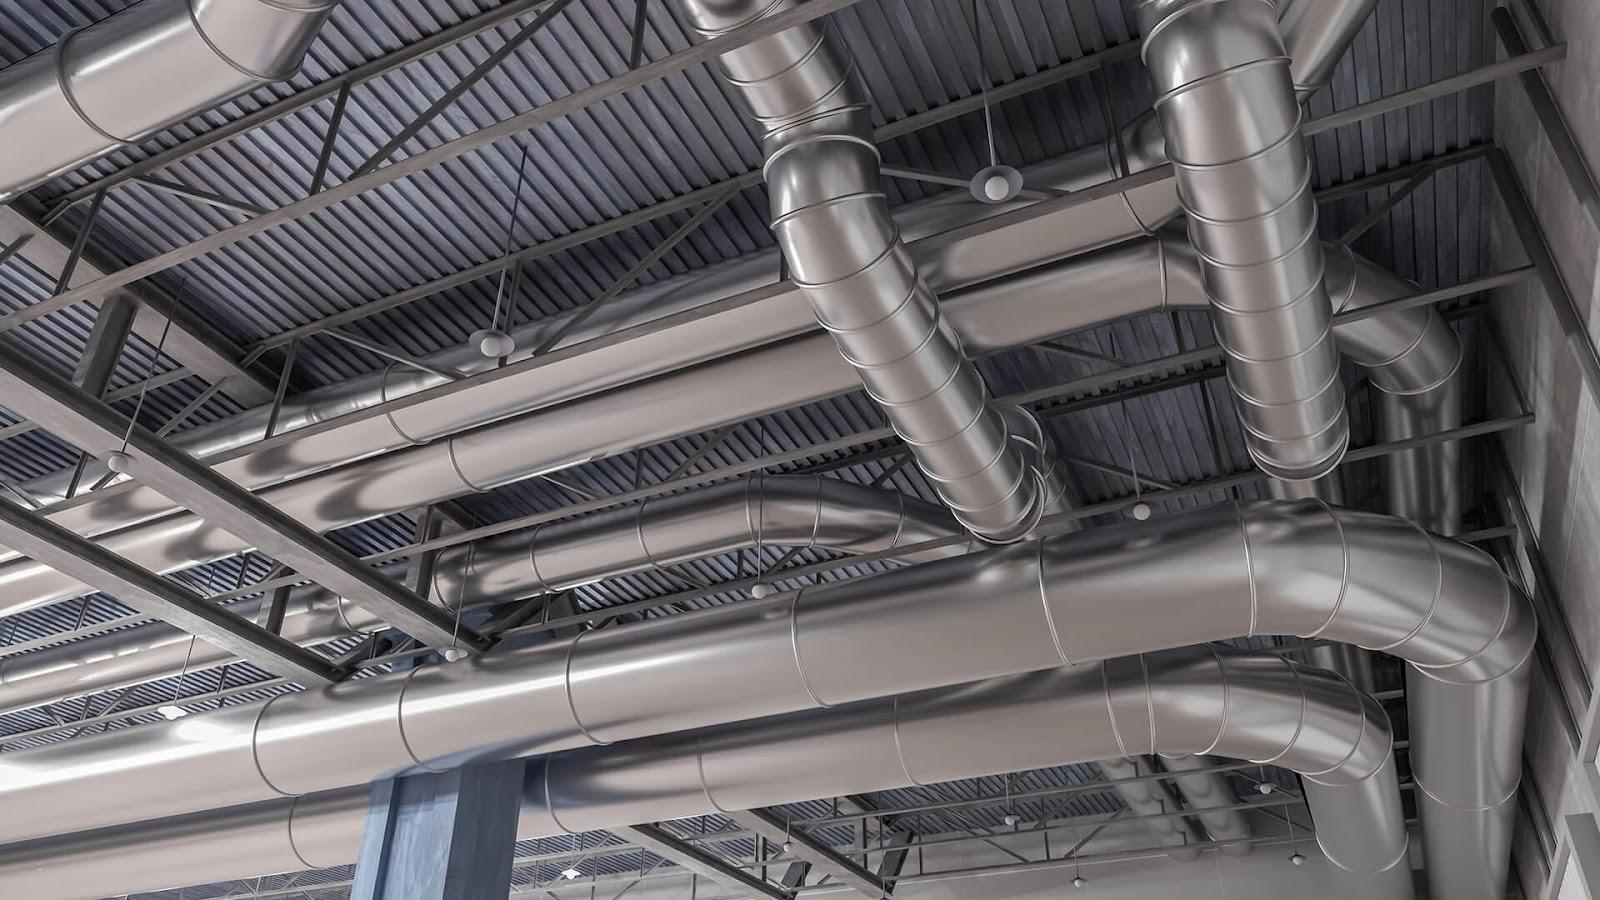 Thép ống mạ kẽm được ứng dụng làm hệ thống dẫn khí